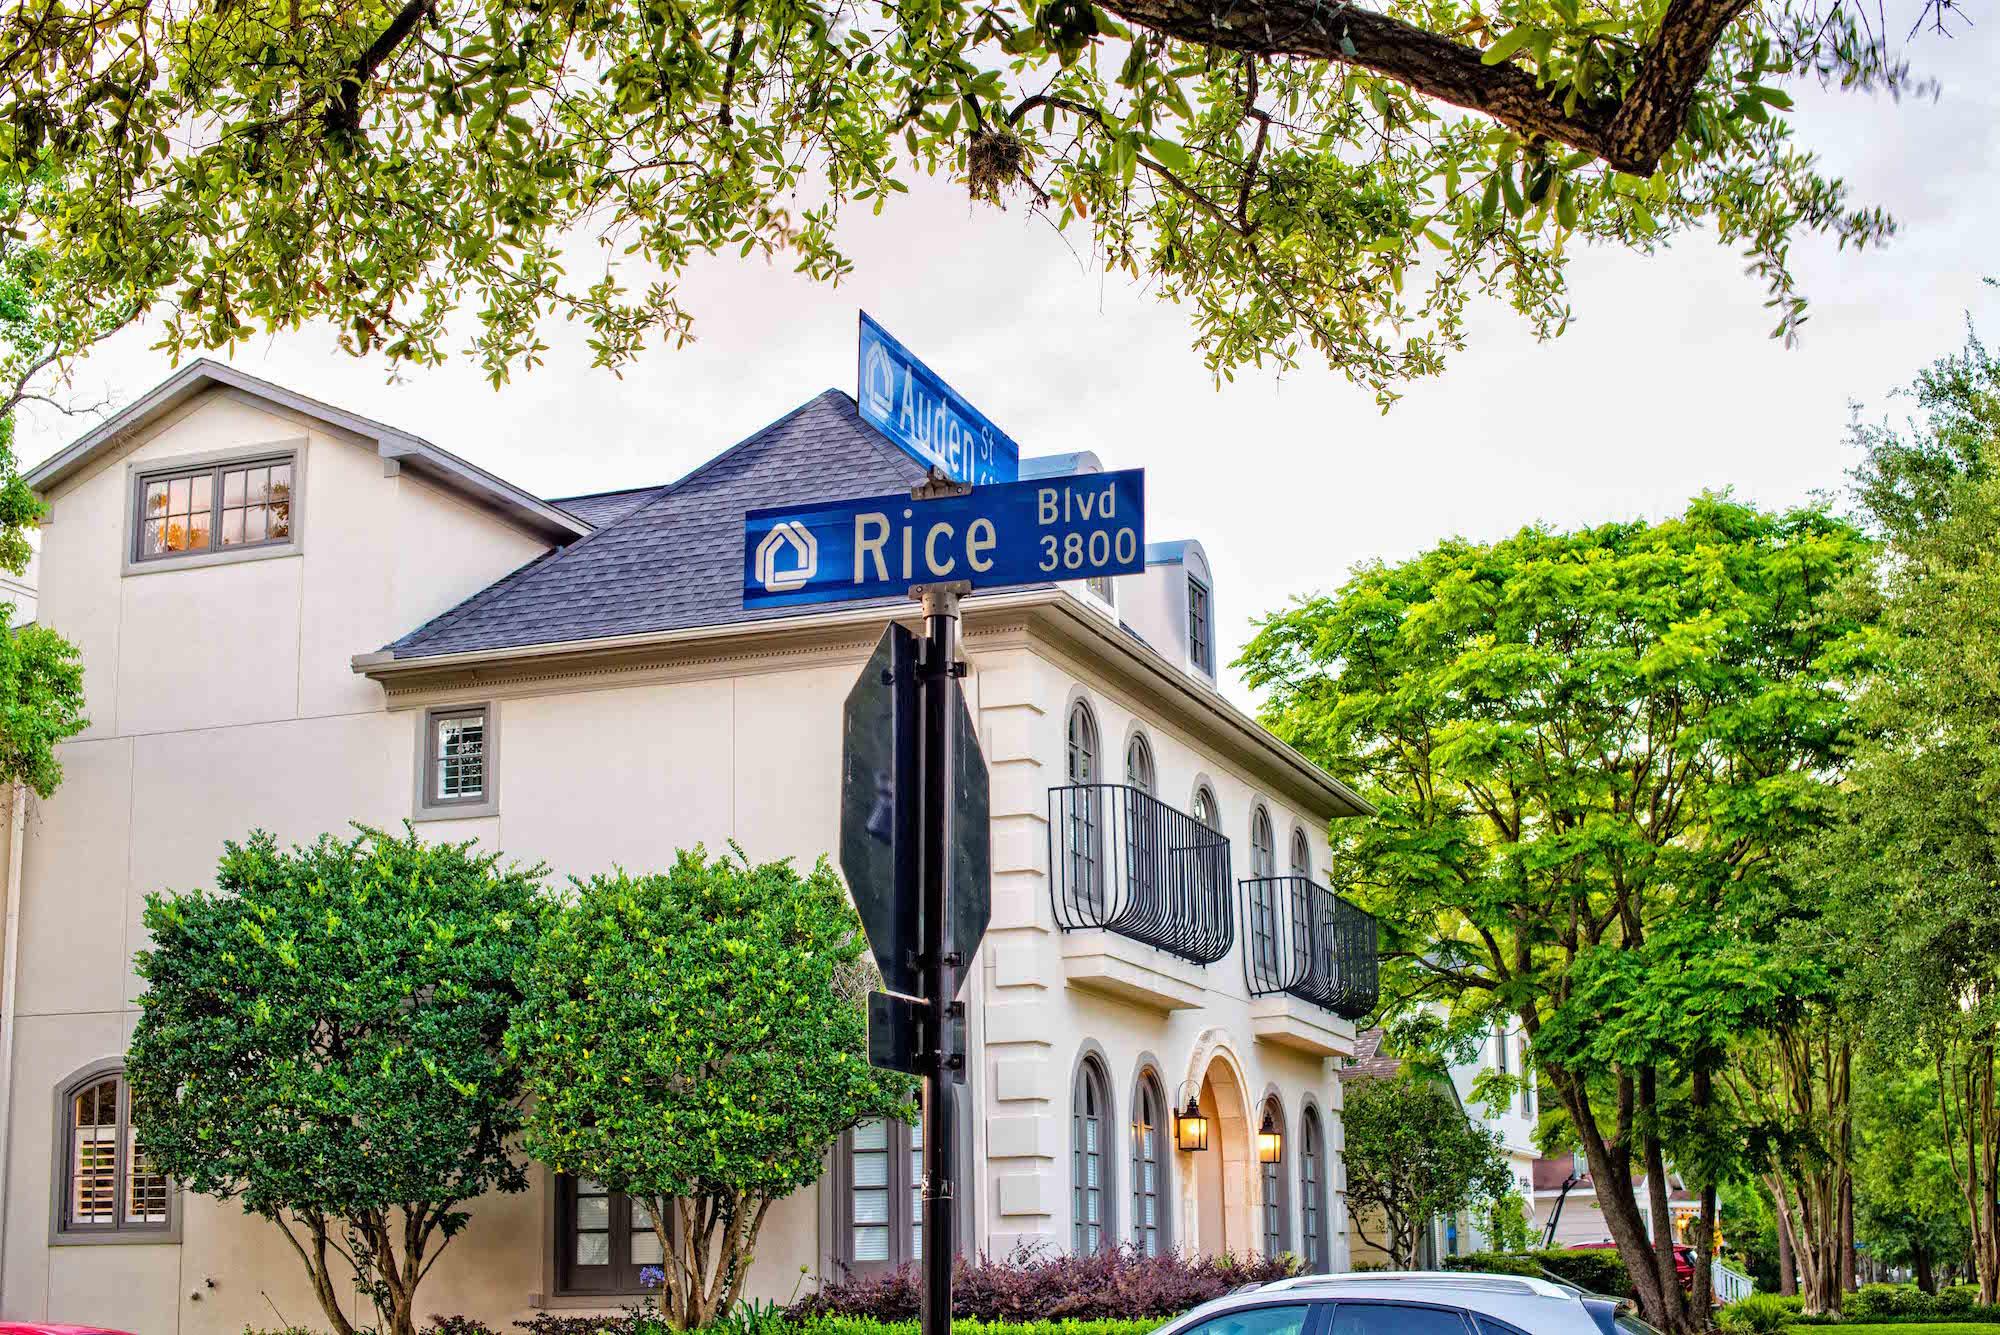 Rice Blvd in West U